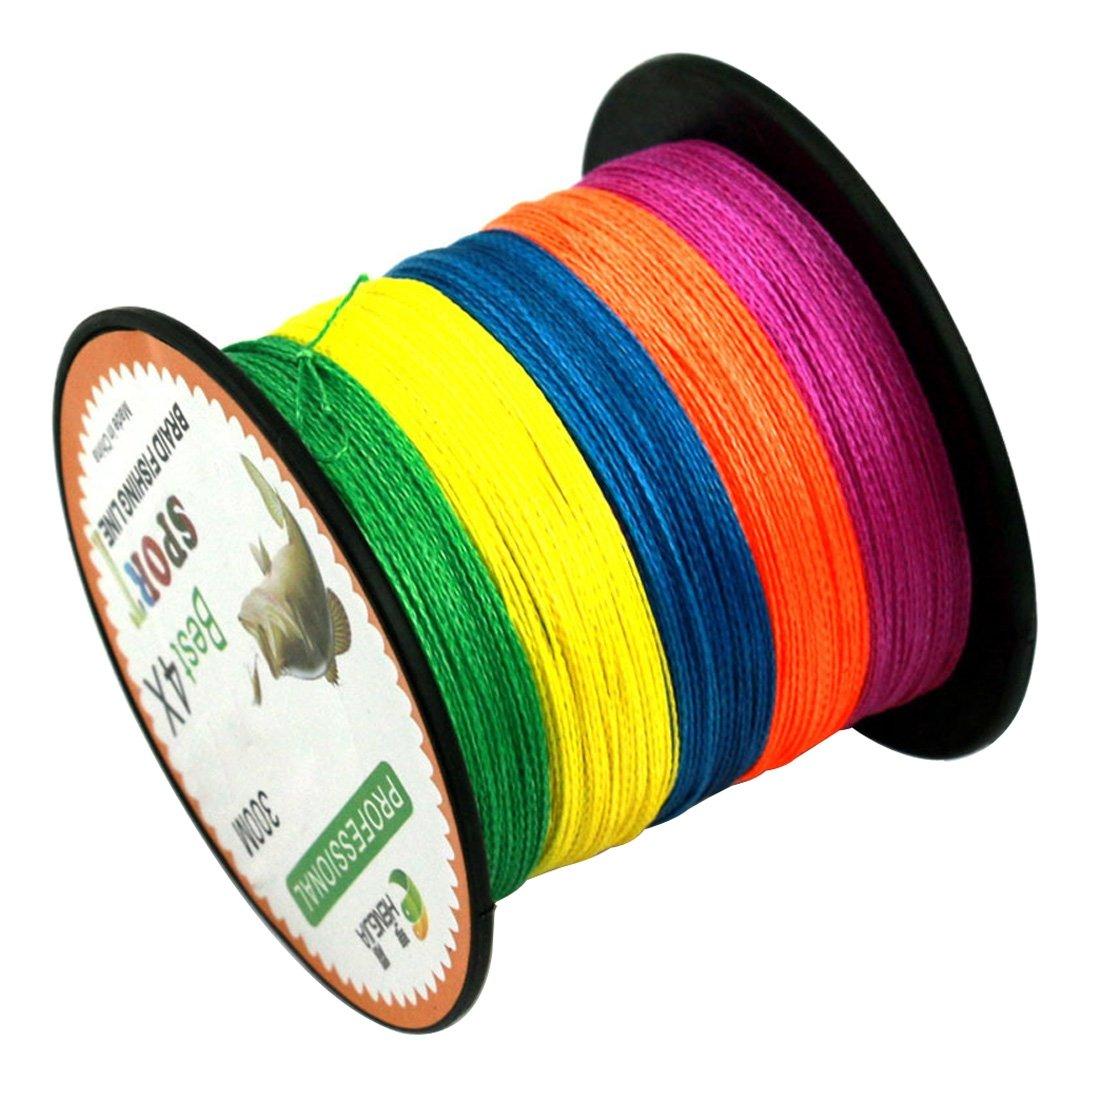 YKDY Fil de p/êche color/é 5,0# 0,37 mm 22,6 kg Tension 300 m Extra Fort 4 Fils tress/és PE Ligne de p/êche Cerf-Volant